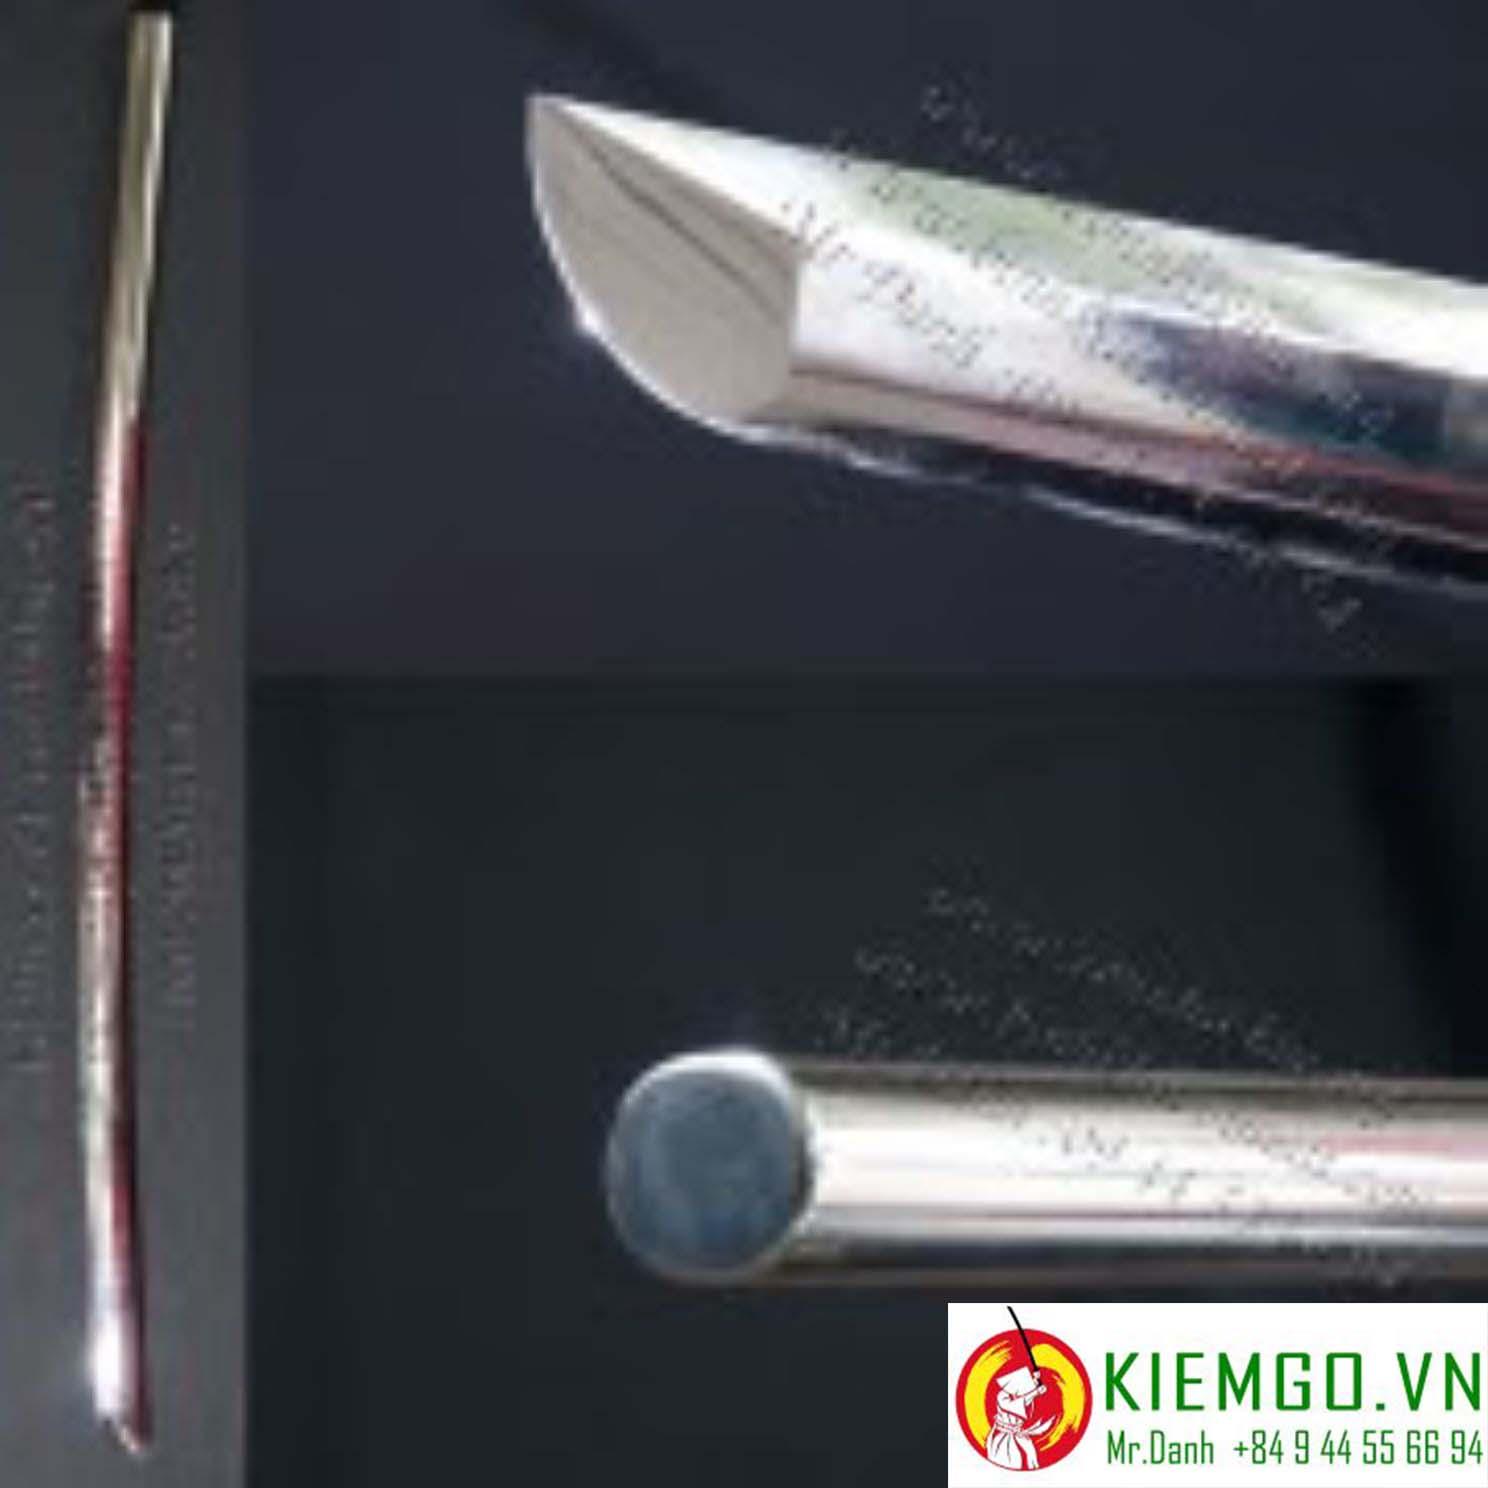 bokken-inox | kiếm inox tập kendo | bokken bằng inox là một thanh kiếm dùng trong tập luyện kendo - iaido - aikiken được chế tác từ inox 304 chất lượng